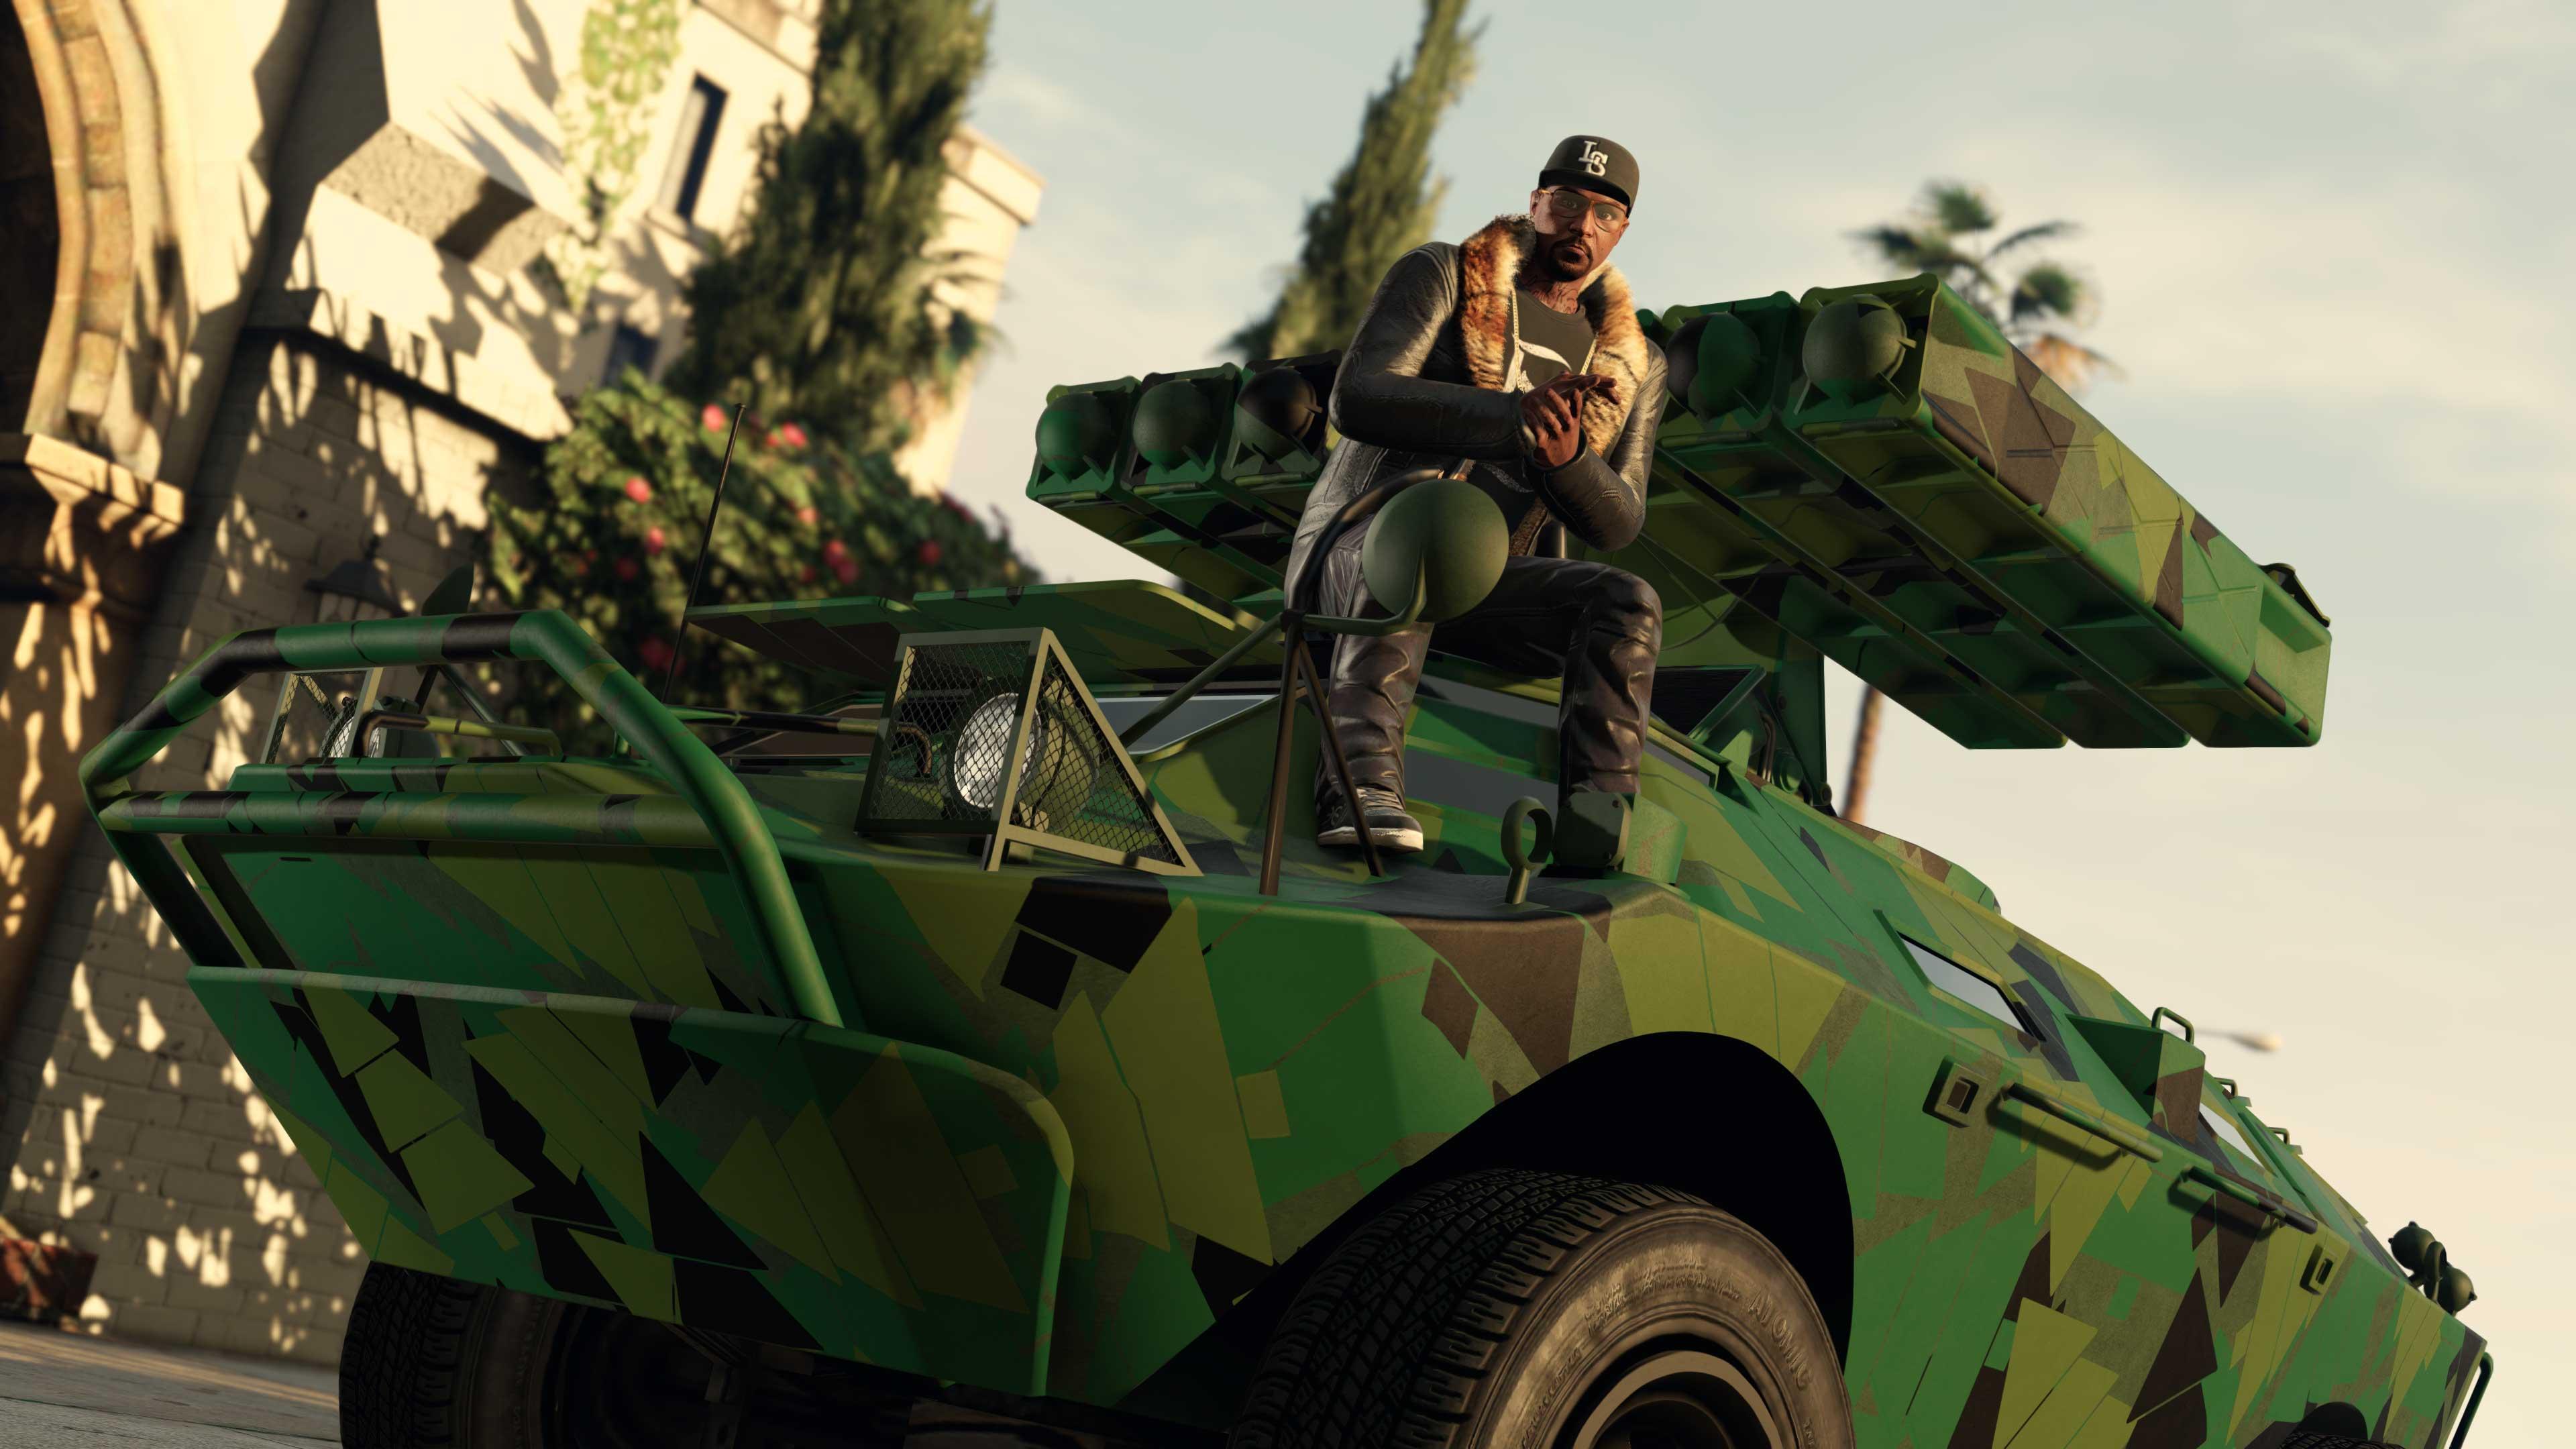 GTA Online Weekly Update: Zöld terepmintás festés (Tree Camo Livery) HVY APC tankhoz